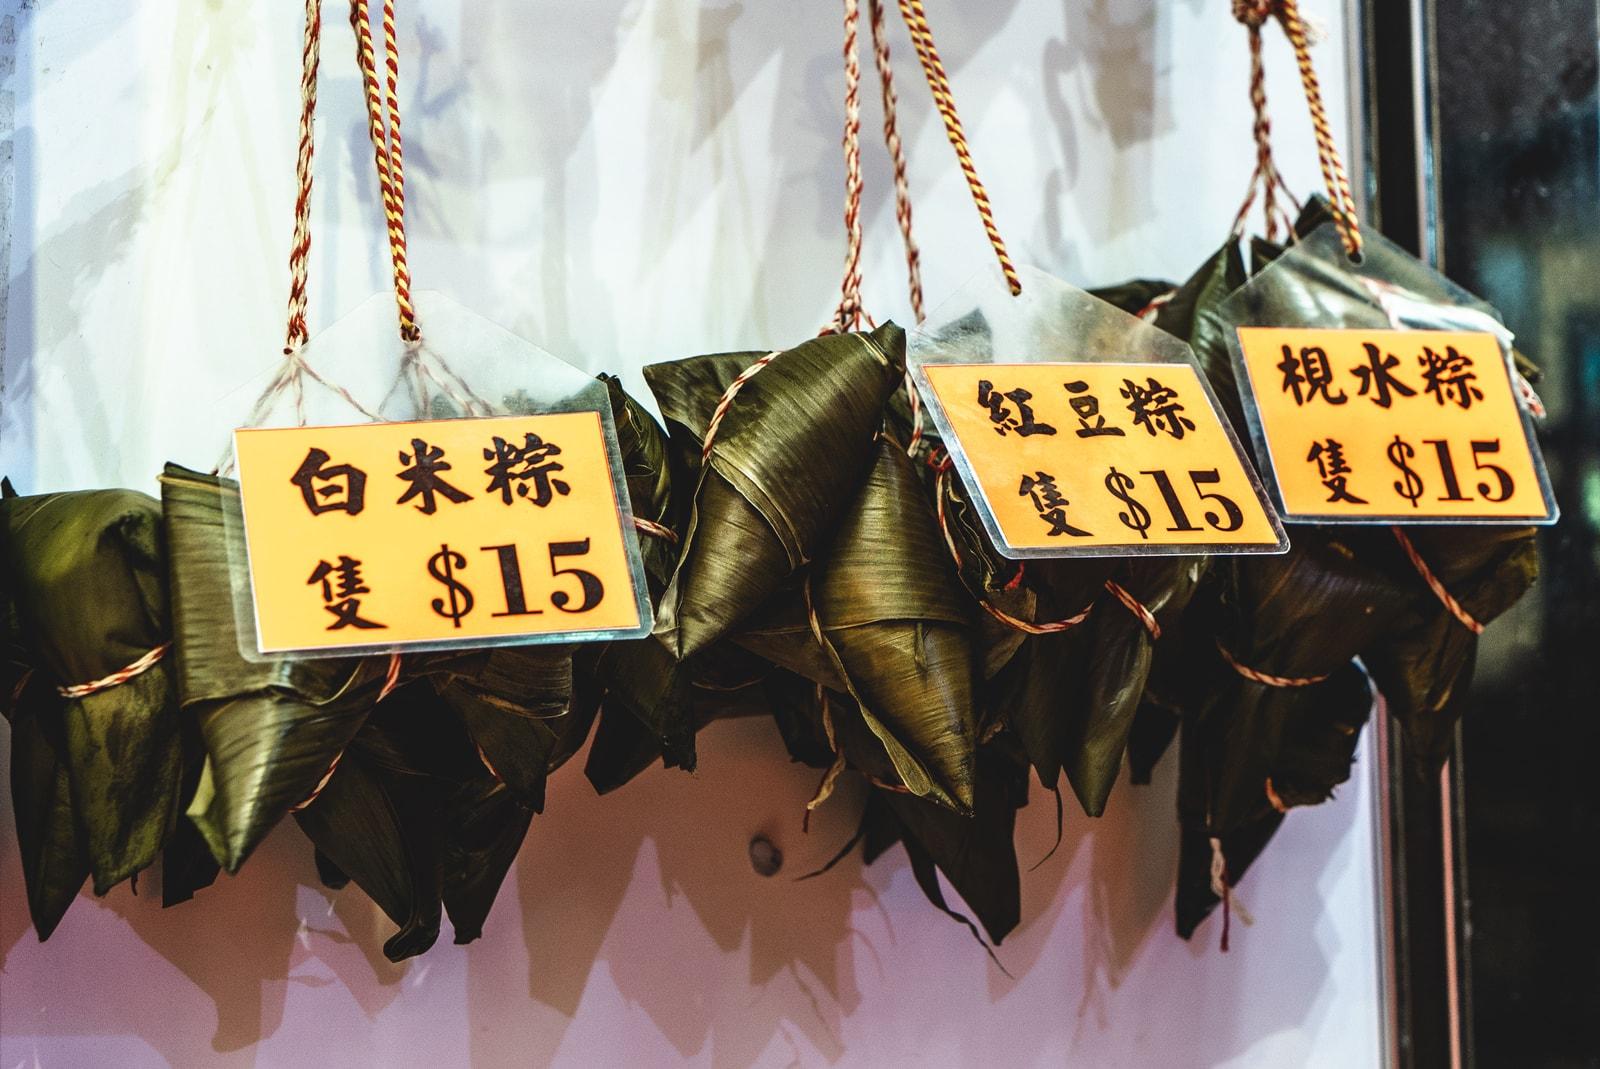 解構香港糭界老字號「老三陽」40 多年屹立不倒之迷